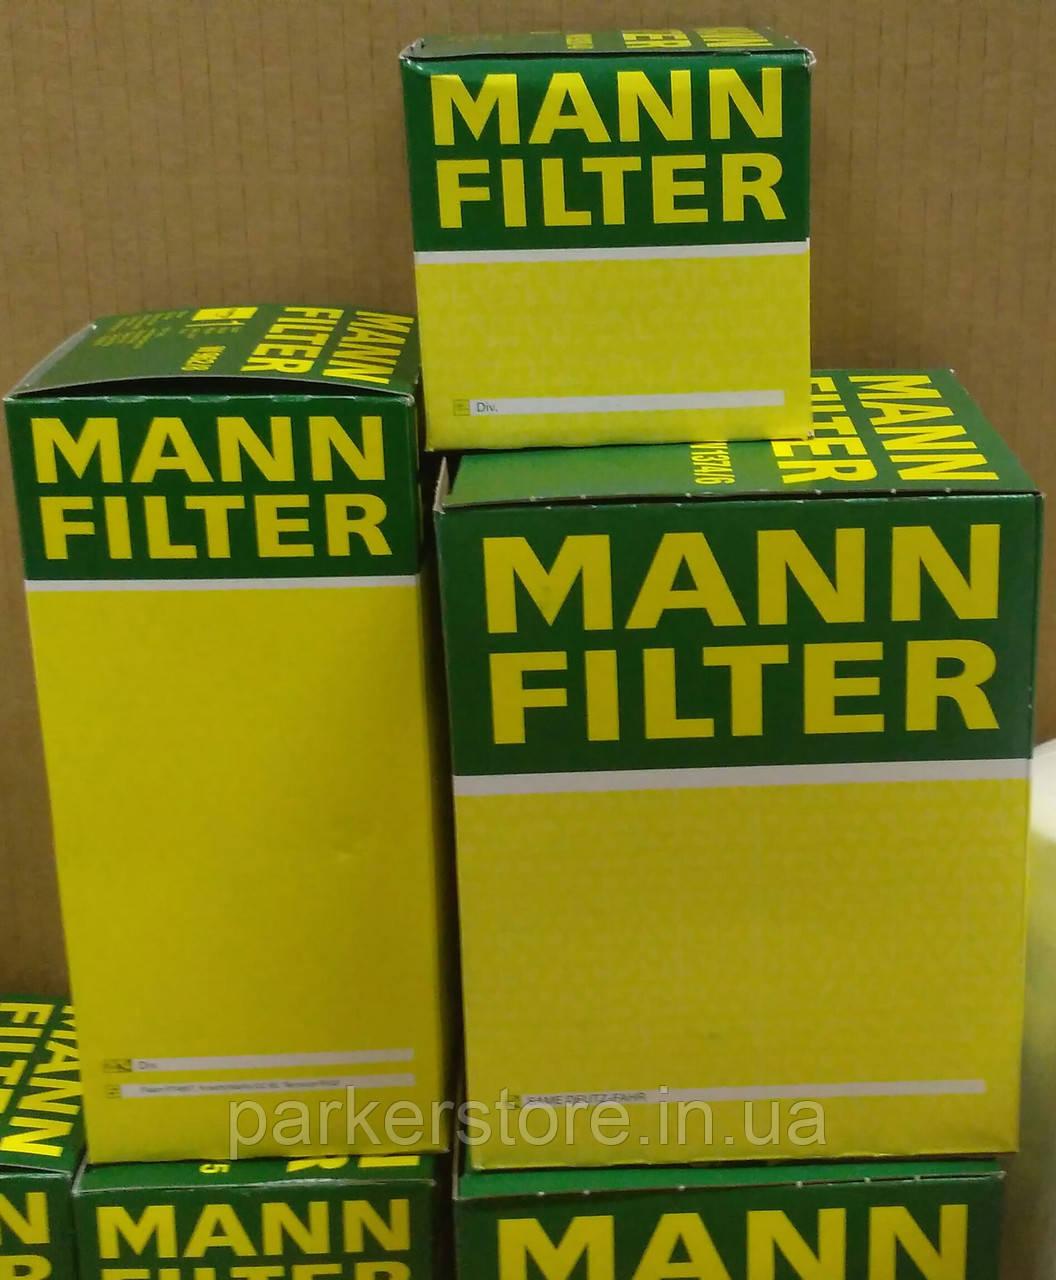 MANN FILTER / Повітряний фільтр / C 27 026 / C27026